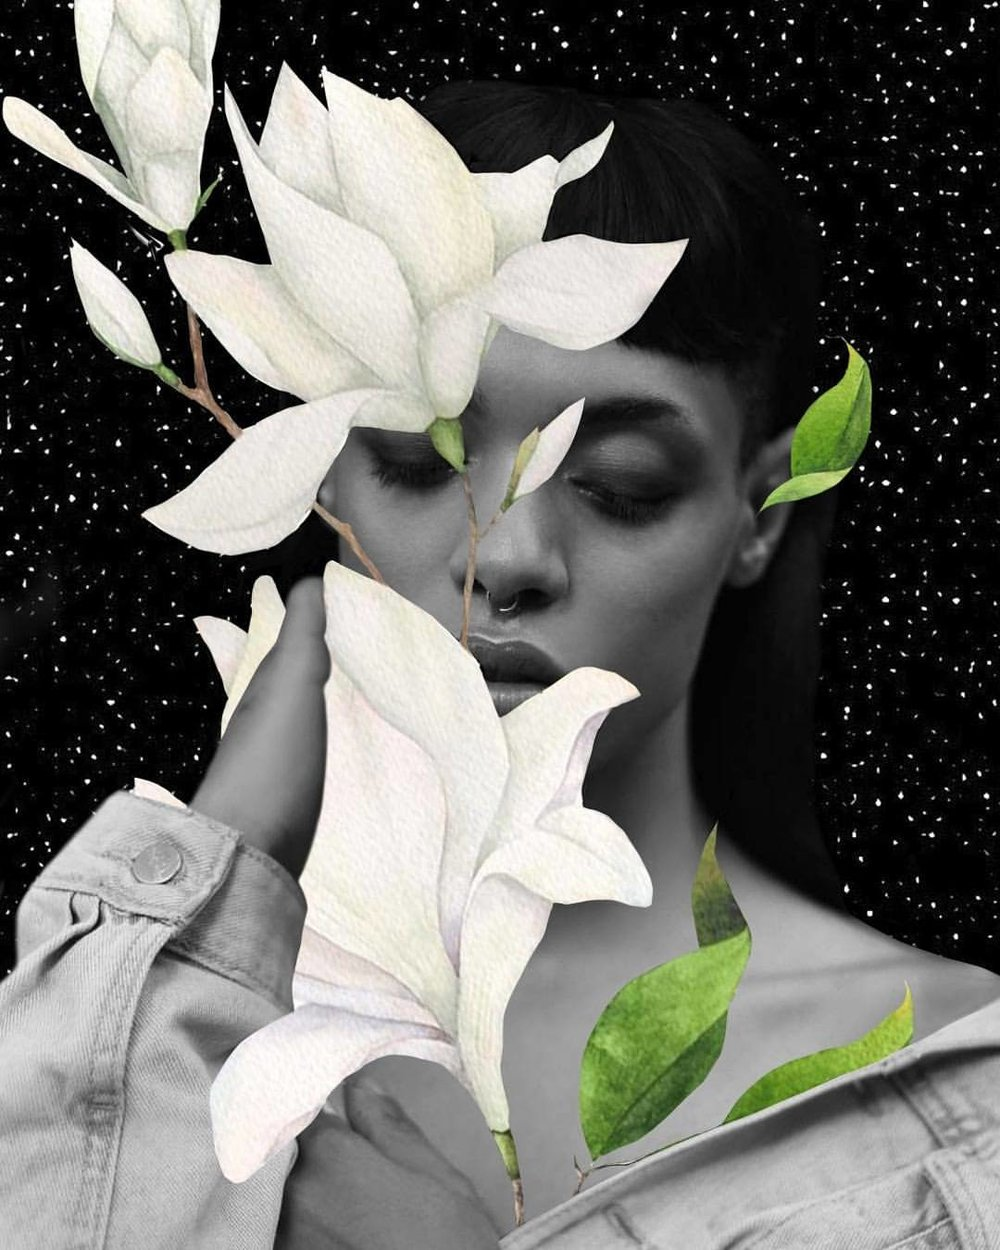 Colagem de Luciana Aranha (@Luspider)